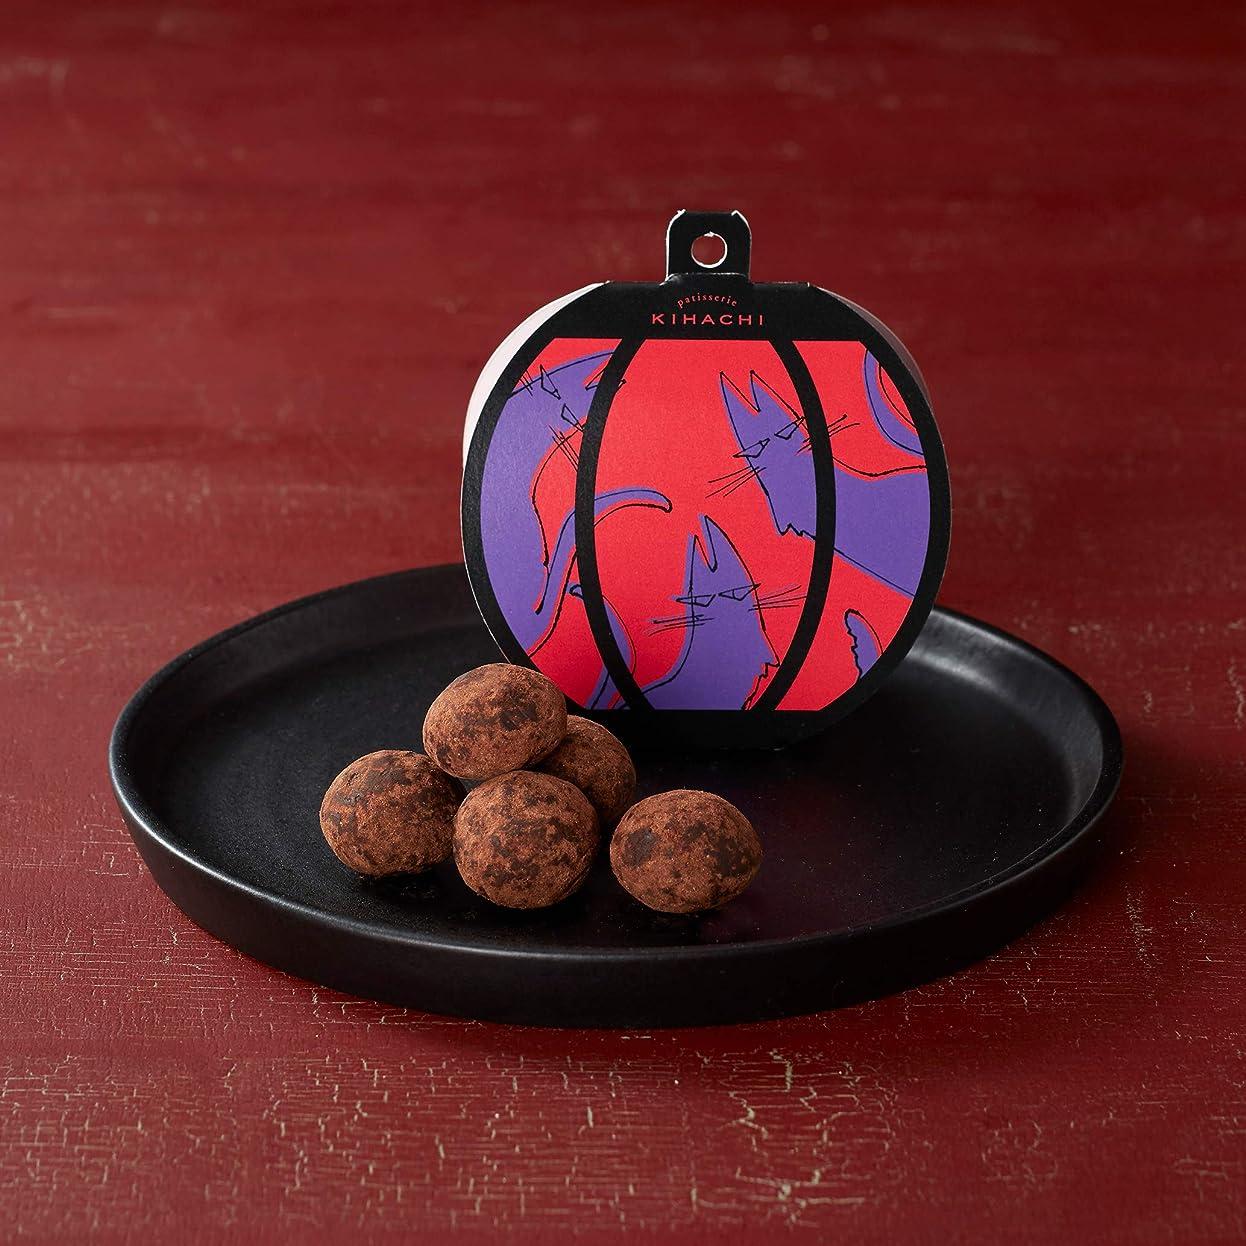 居間消費者しなやかなキハチ ハロウィンクッキーBOX ポルボロン ショコラ 5個入